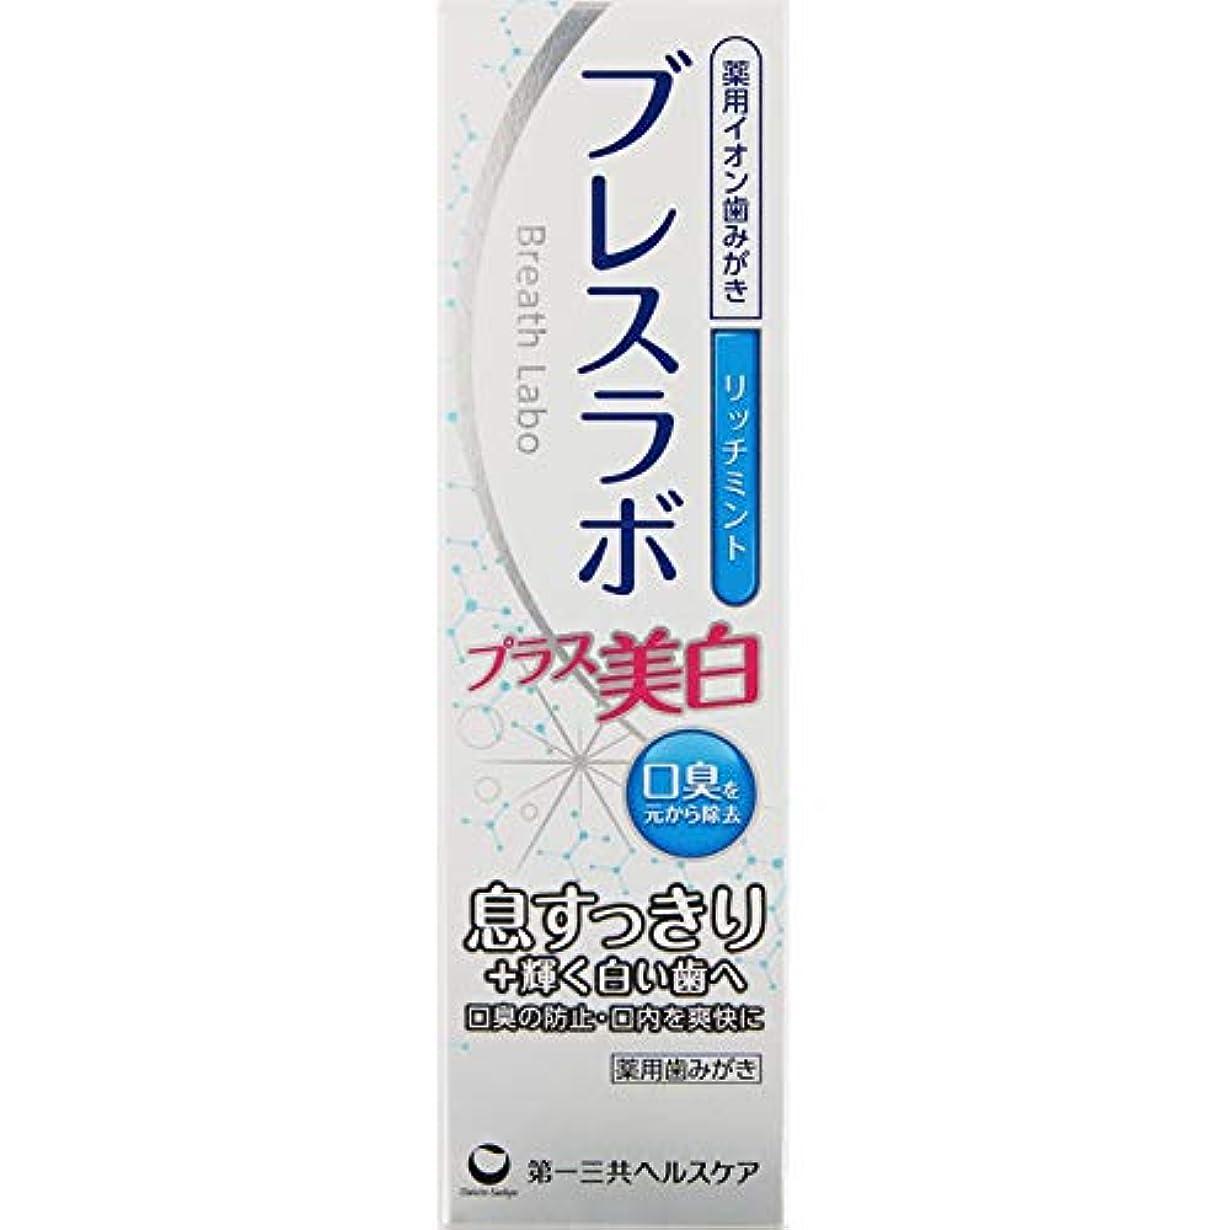 パッド無わざわざ【2個セット】ブレスラボ プラス美白 リッチミント 90g